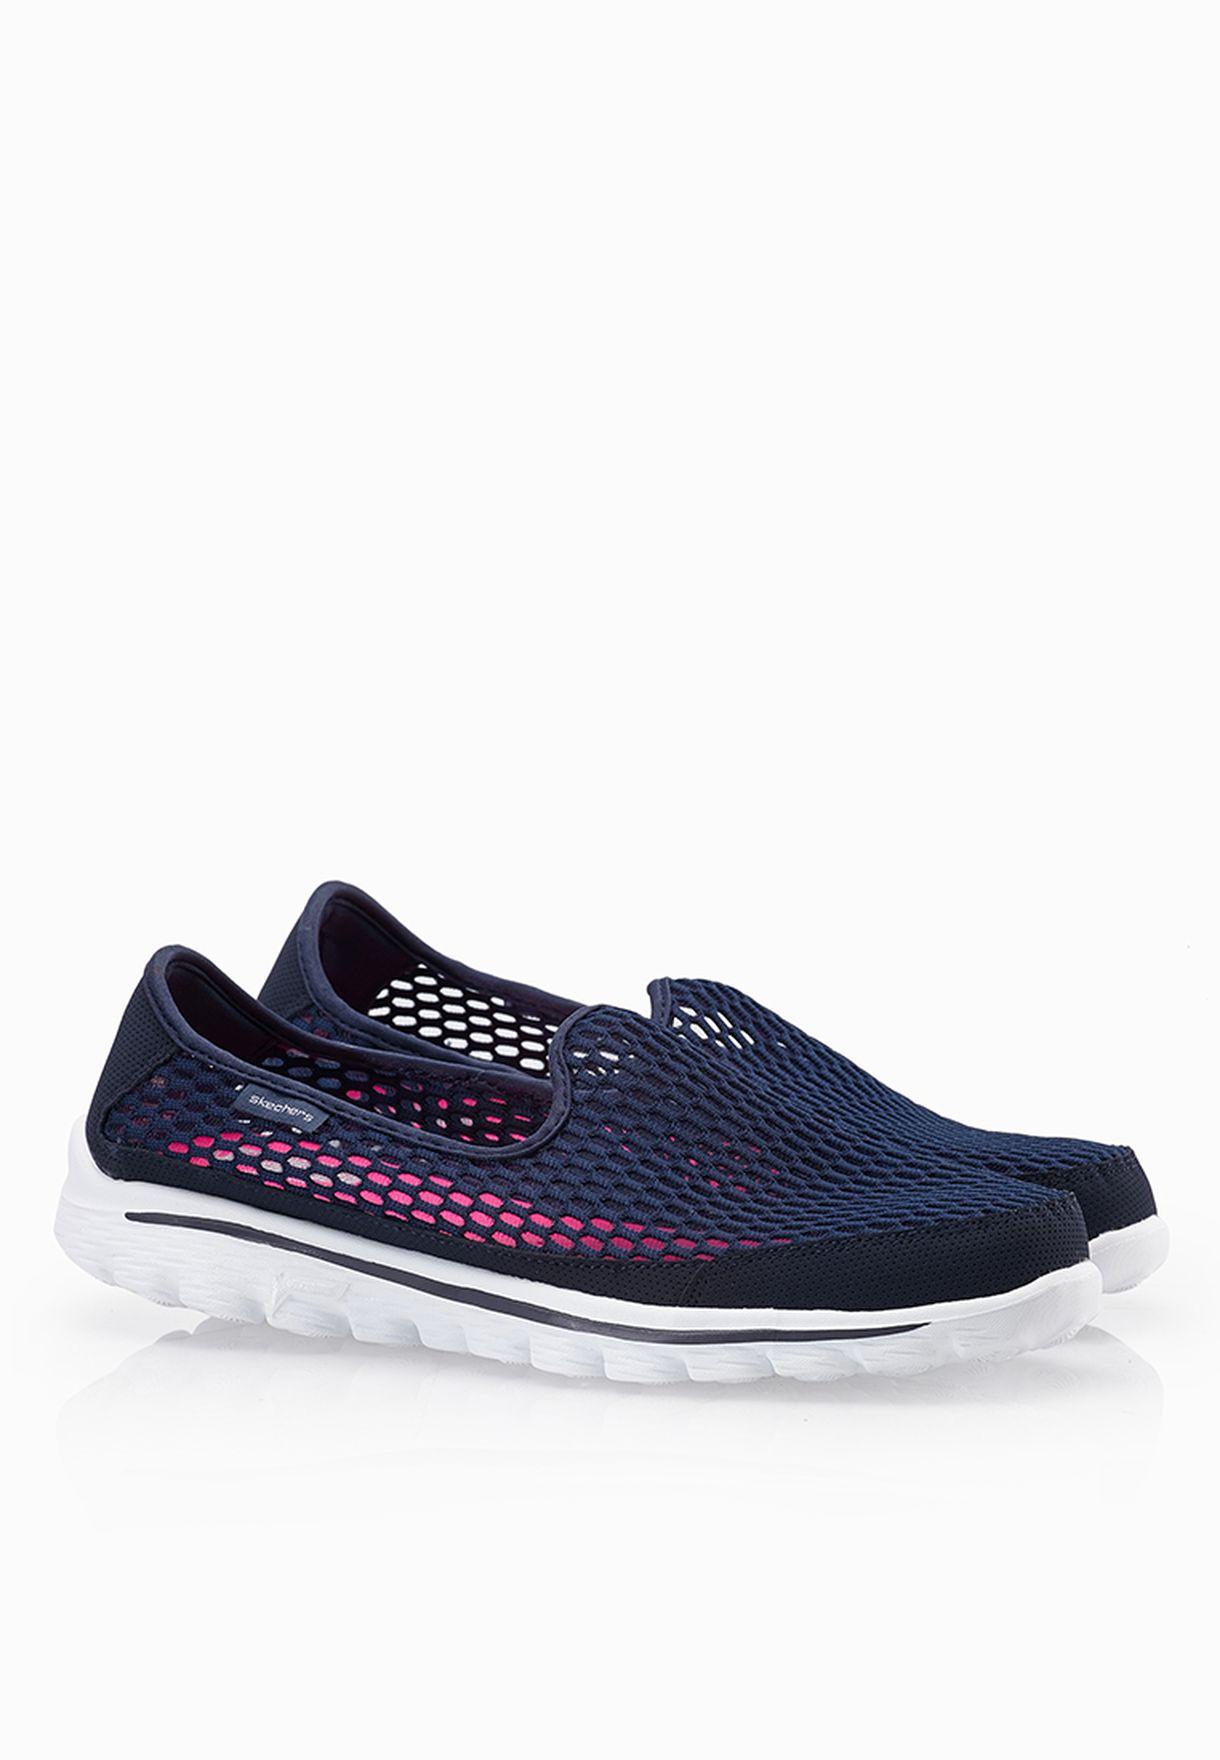 schattig beste deals voor spotgoedkoop Go Walk 2 Super Breathe Comfort Shoes